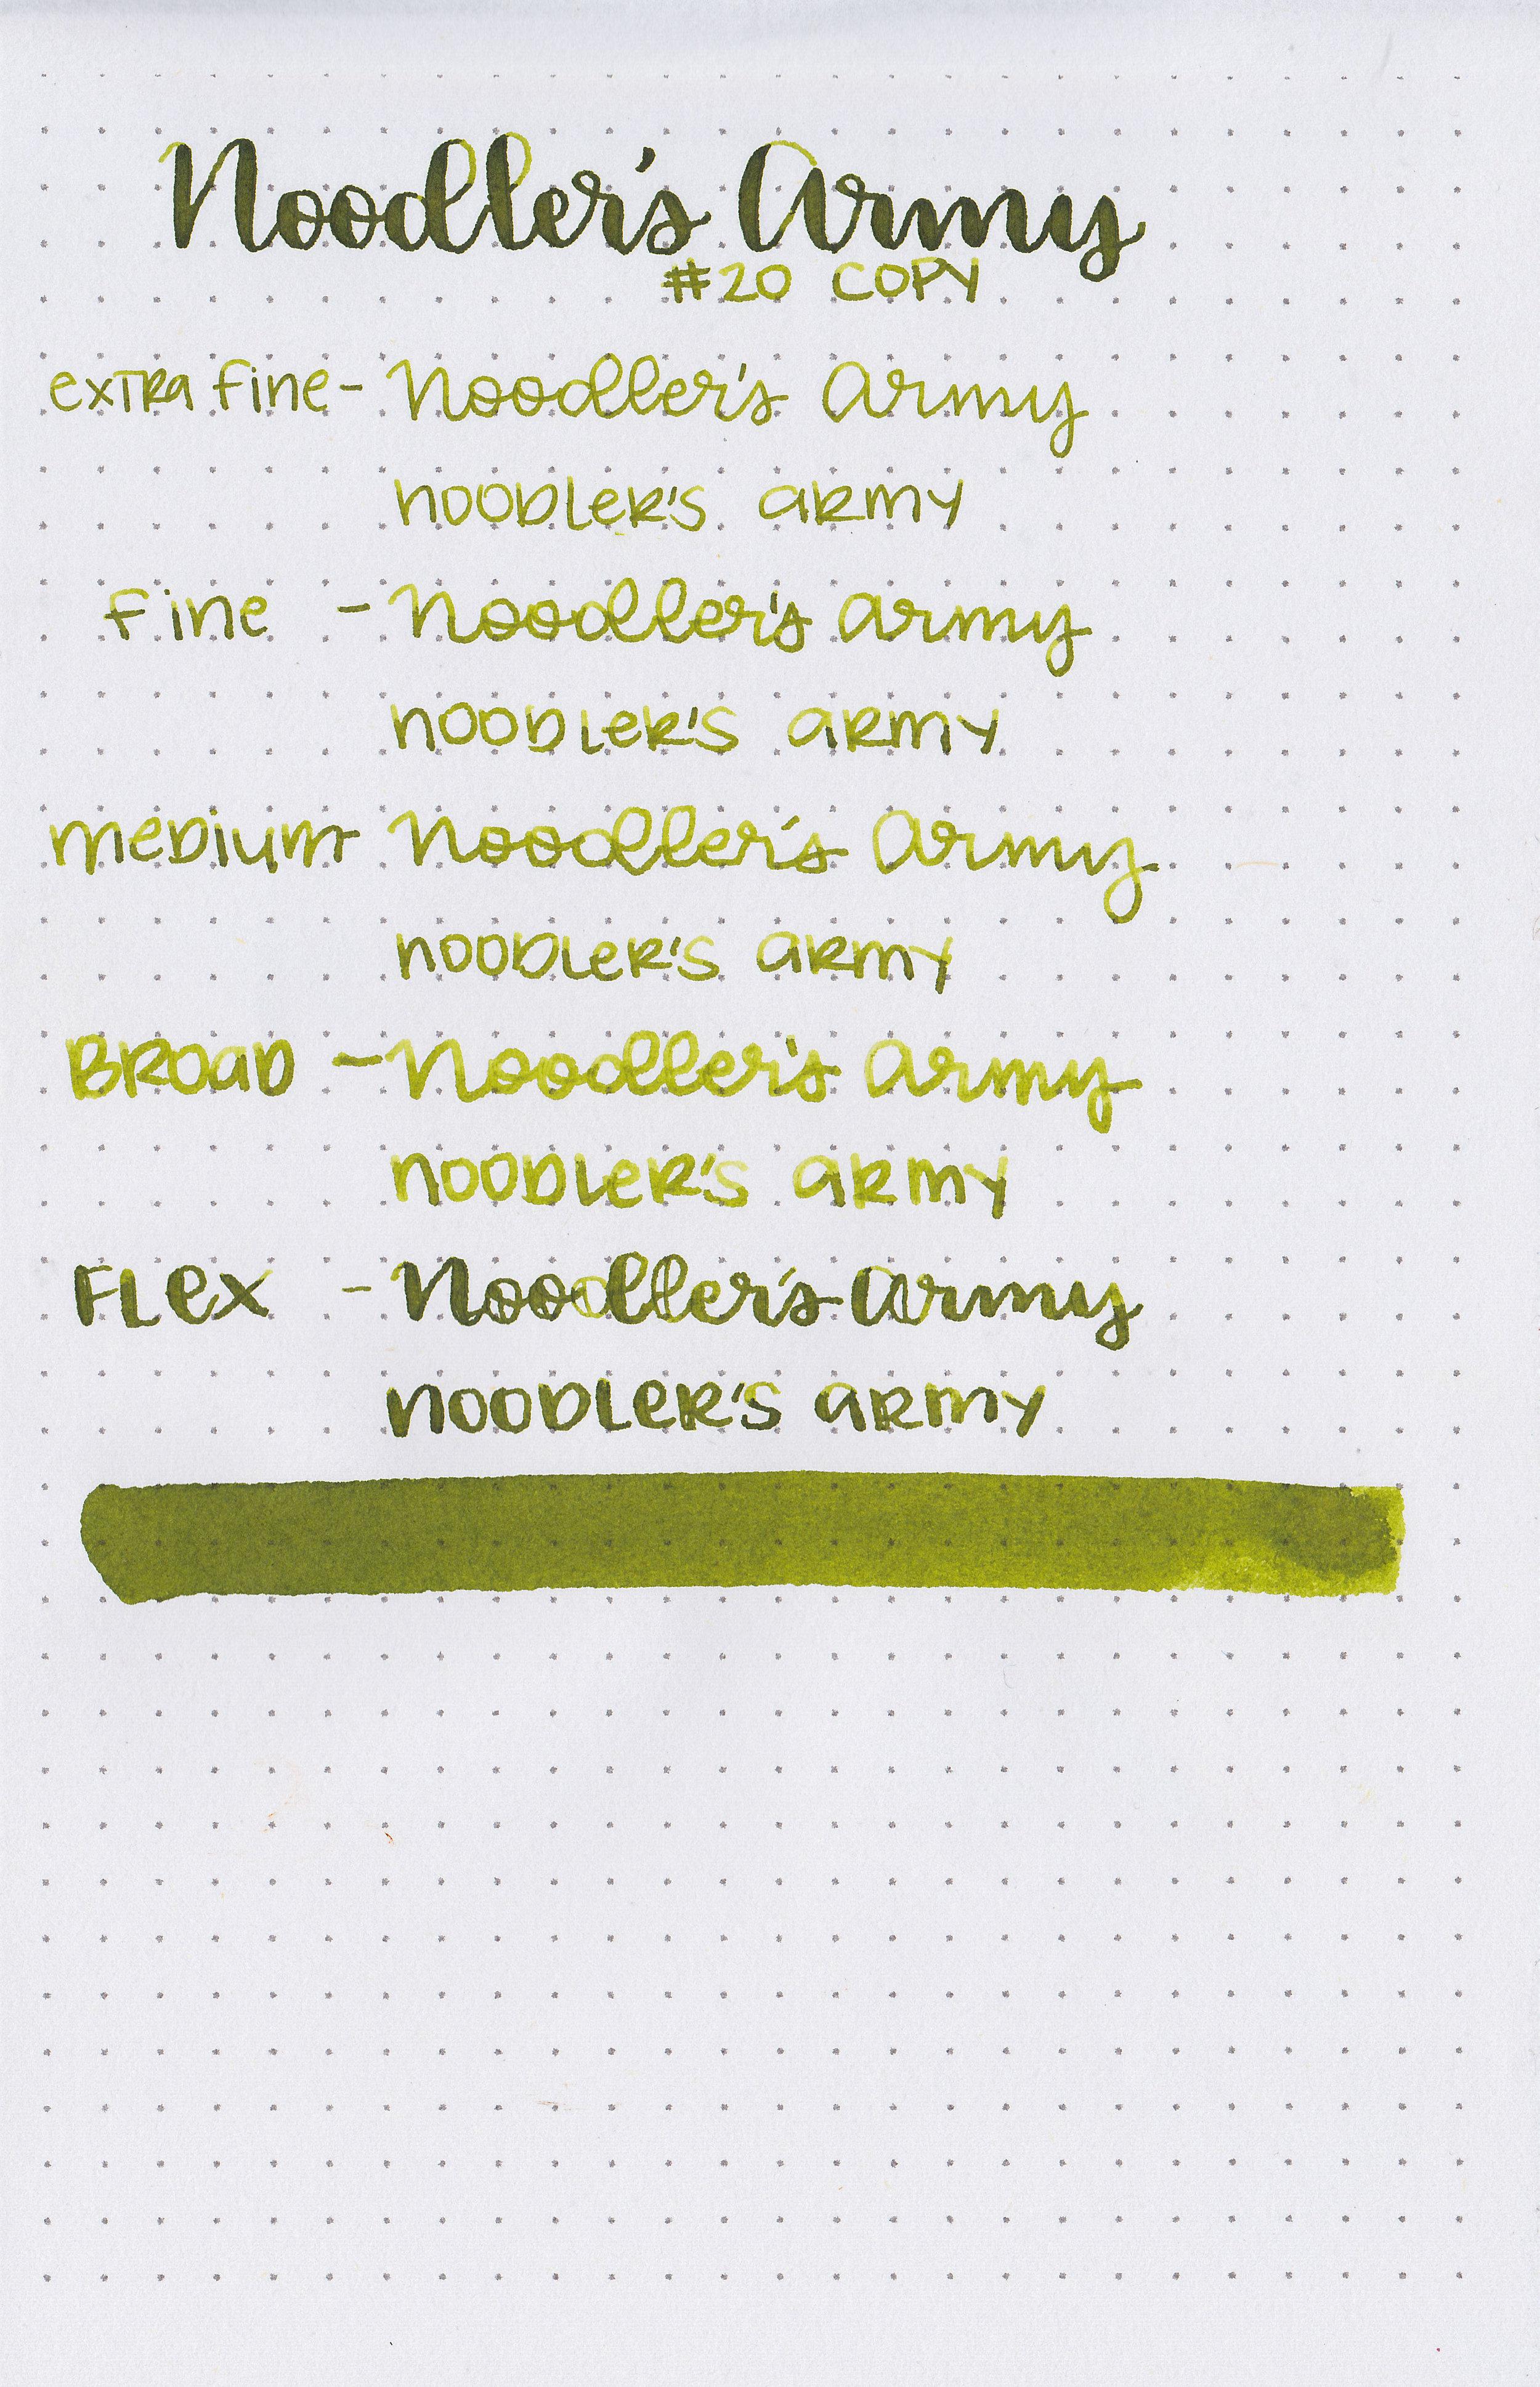 nood-army-10.jpg